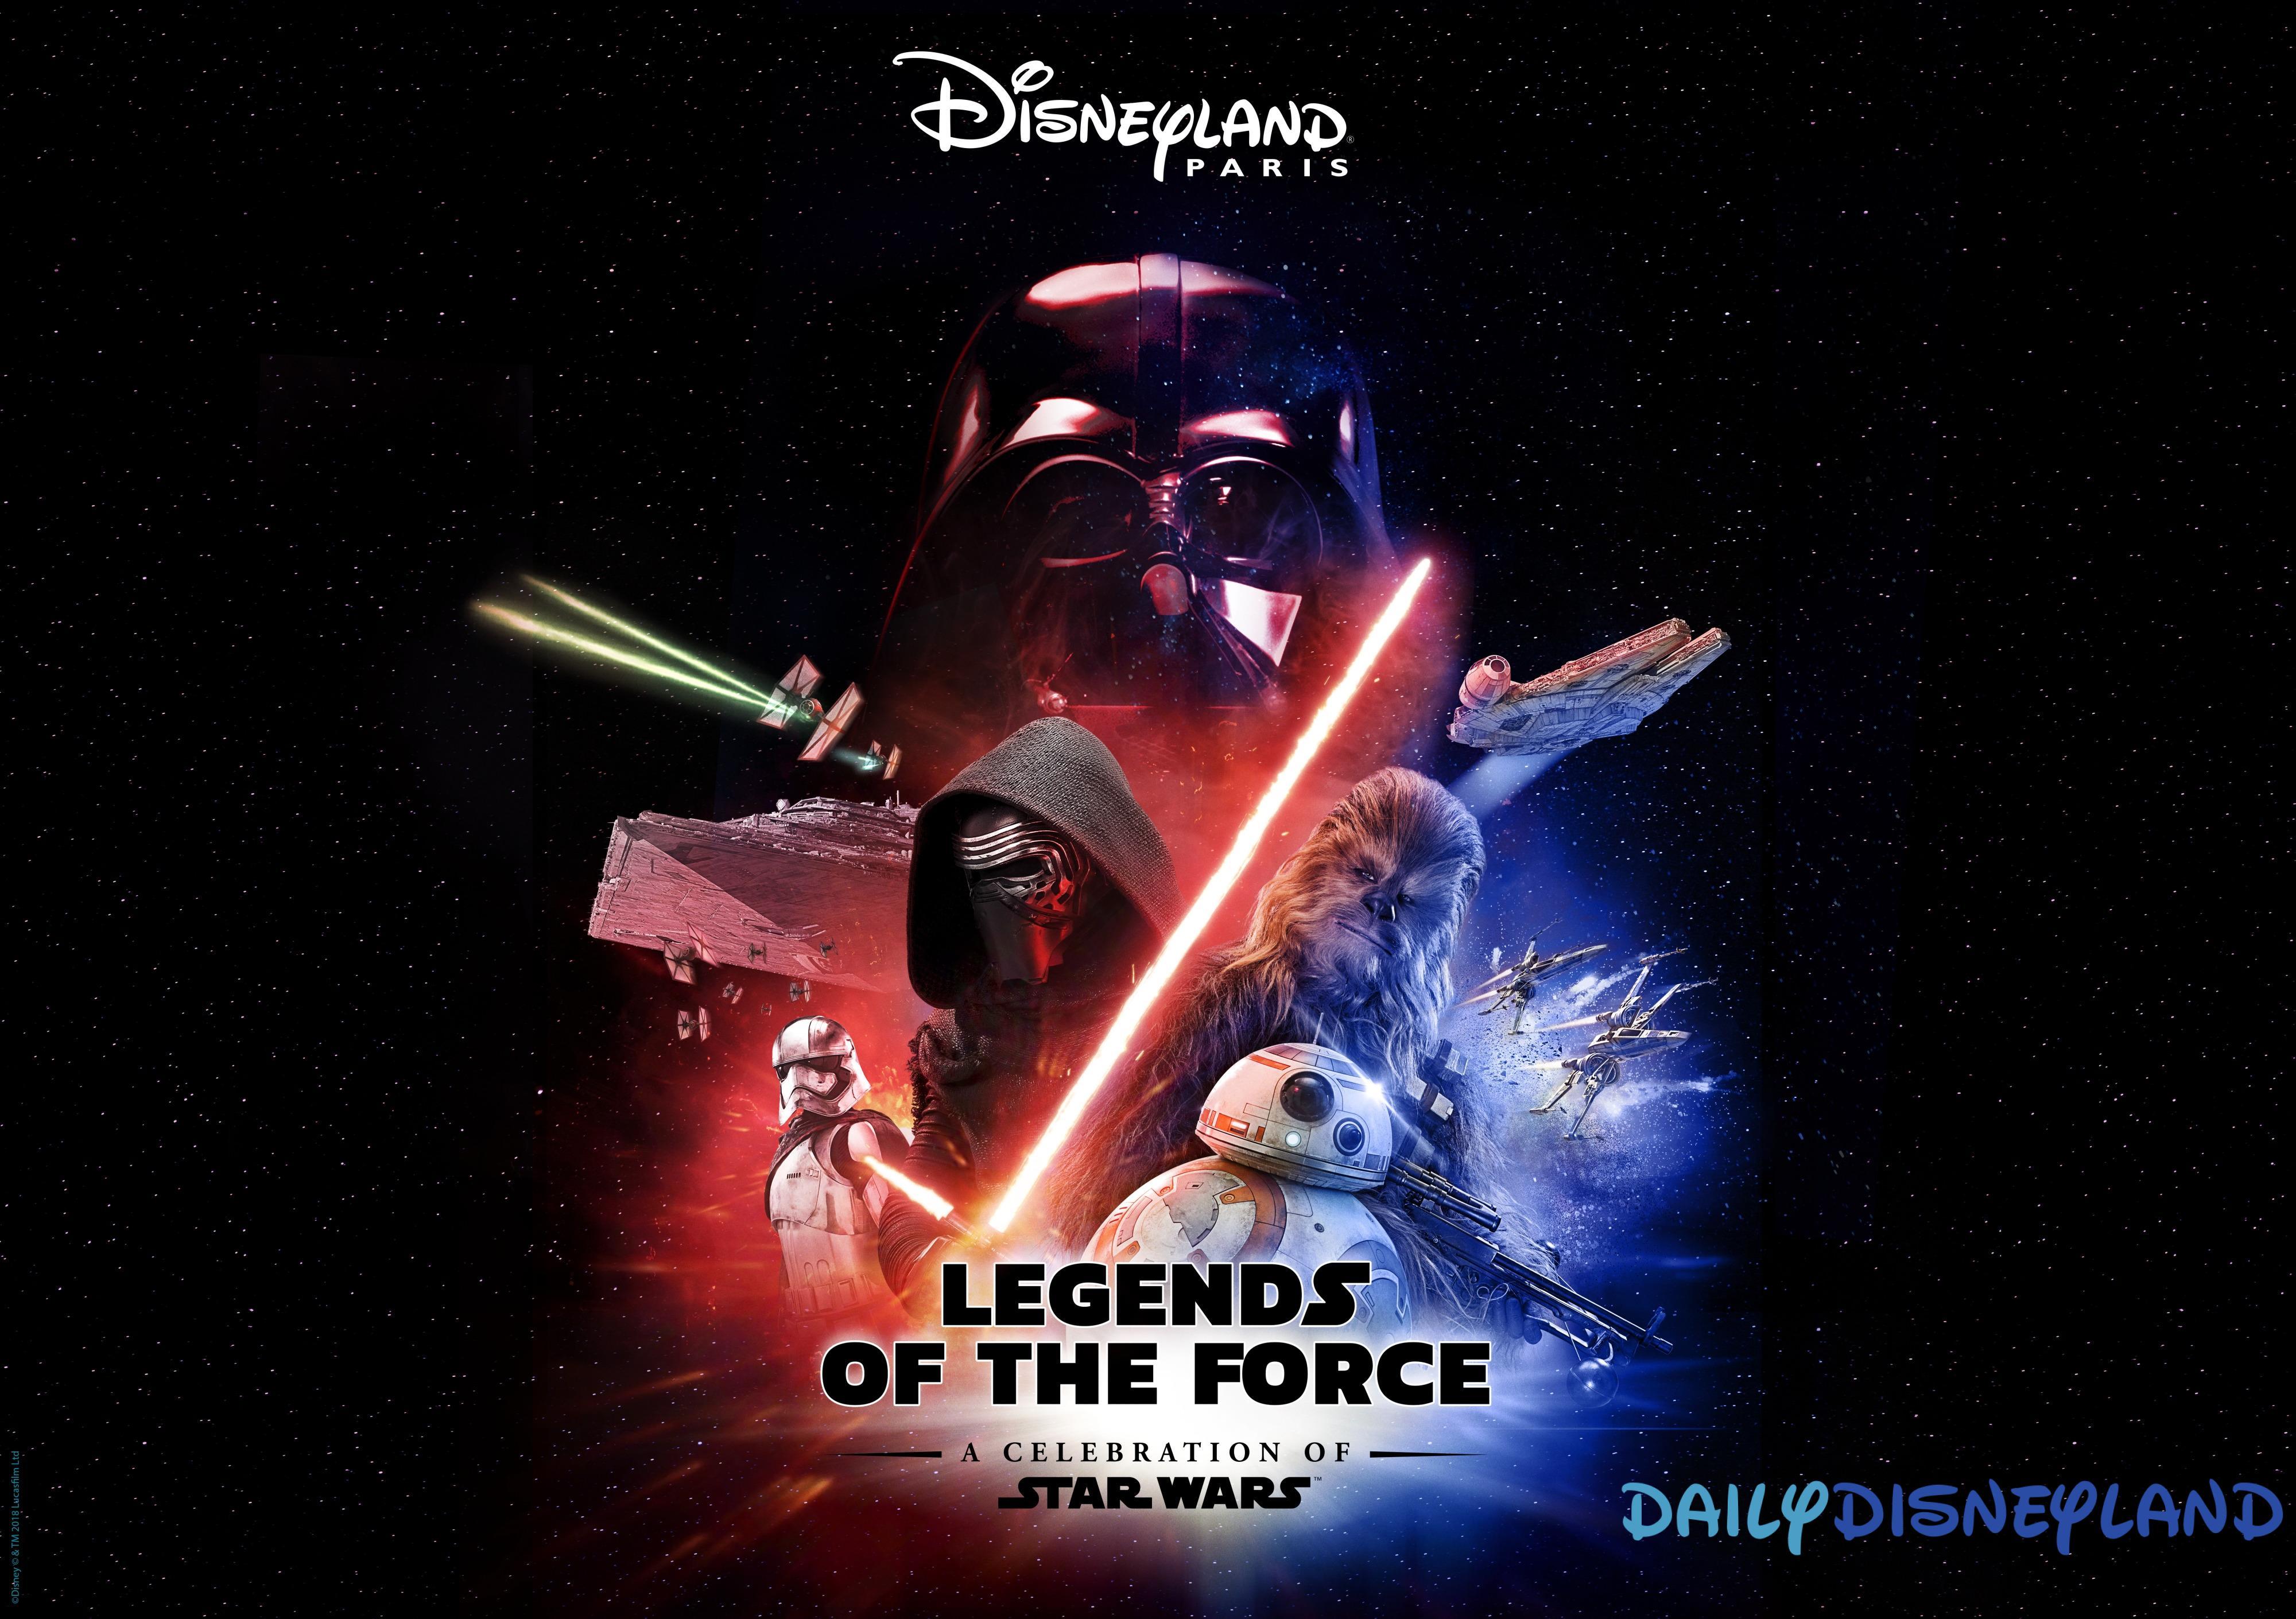 dates saisons disneyland paris 2019 star wars legendes de la force star wars